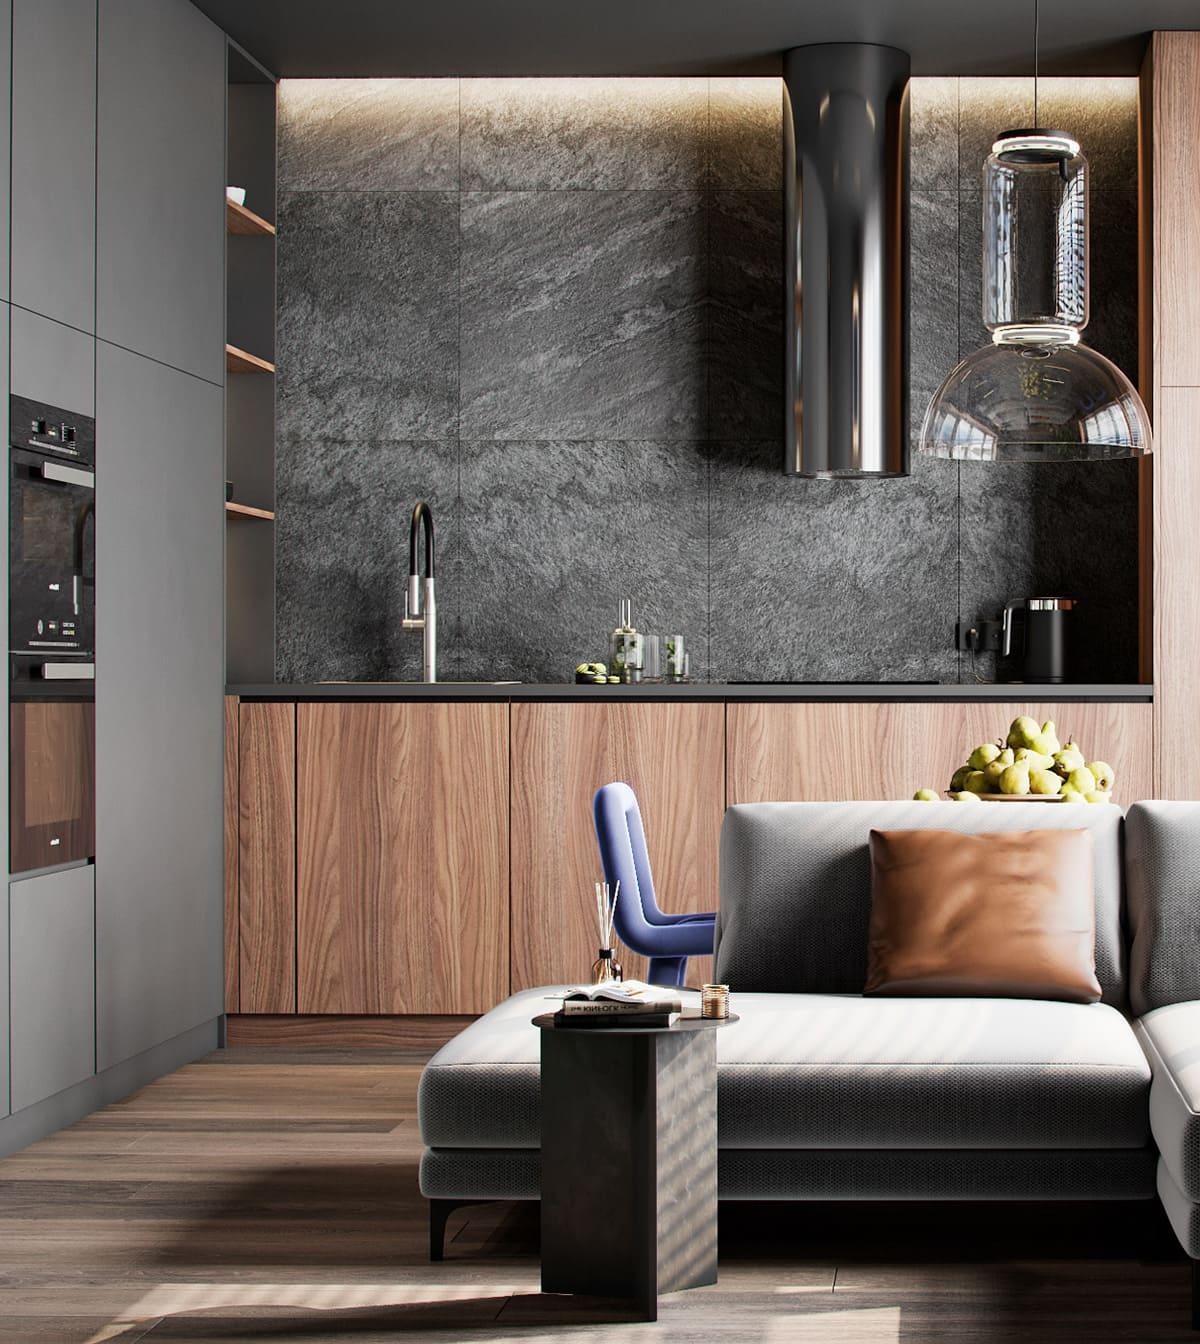 дизайн кухни в современном стиле фото 103